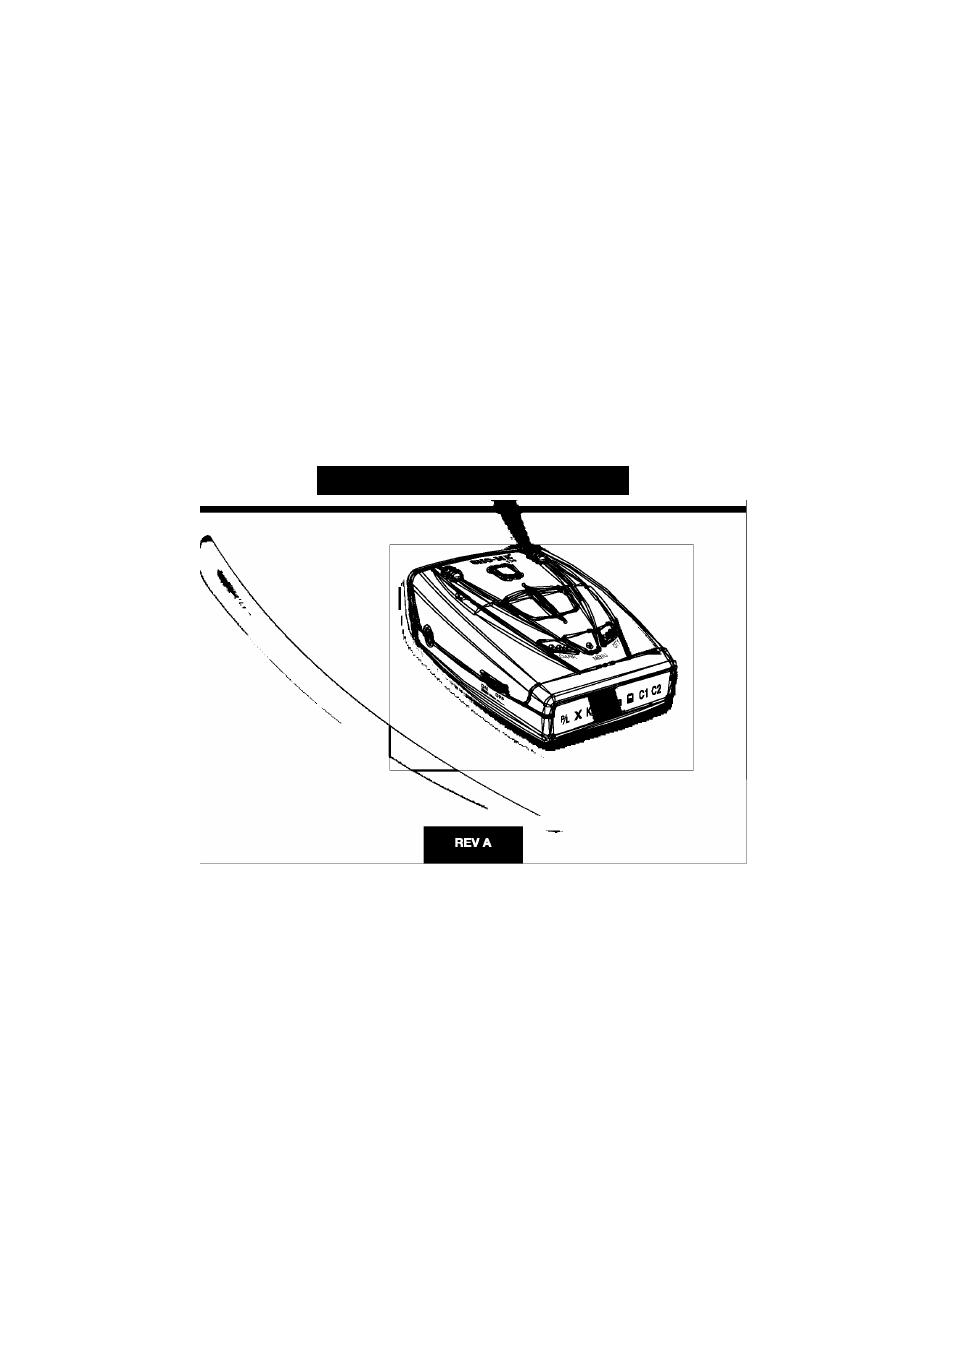 Sho Me Str 525 инструкция по применению - картинка 1